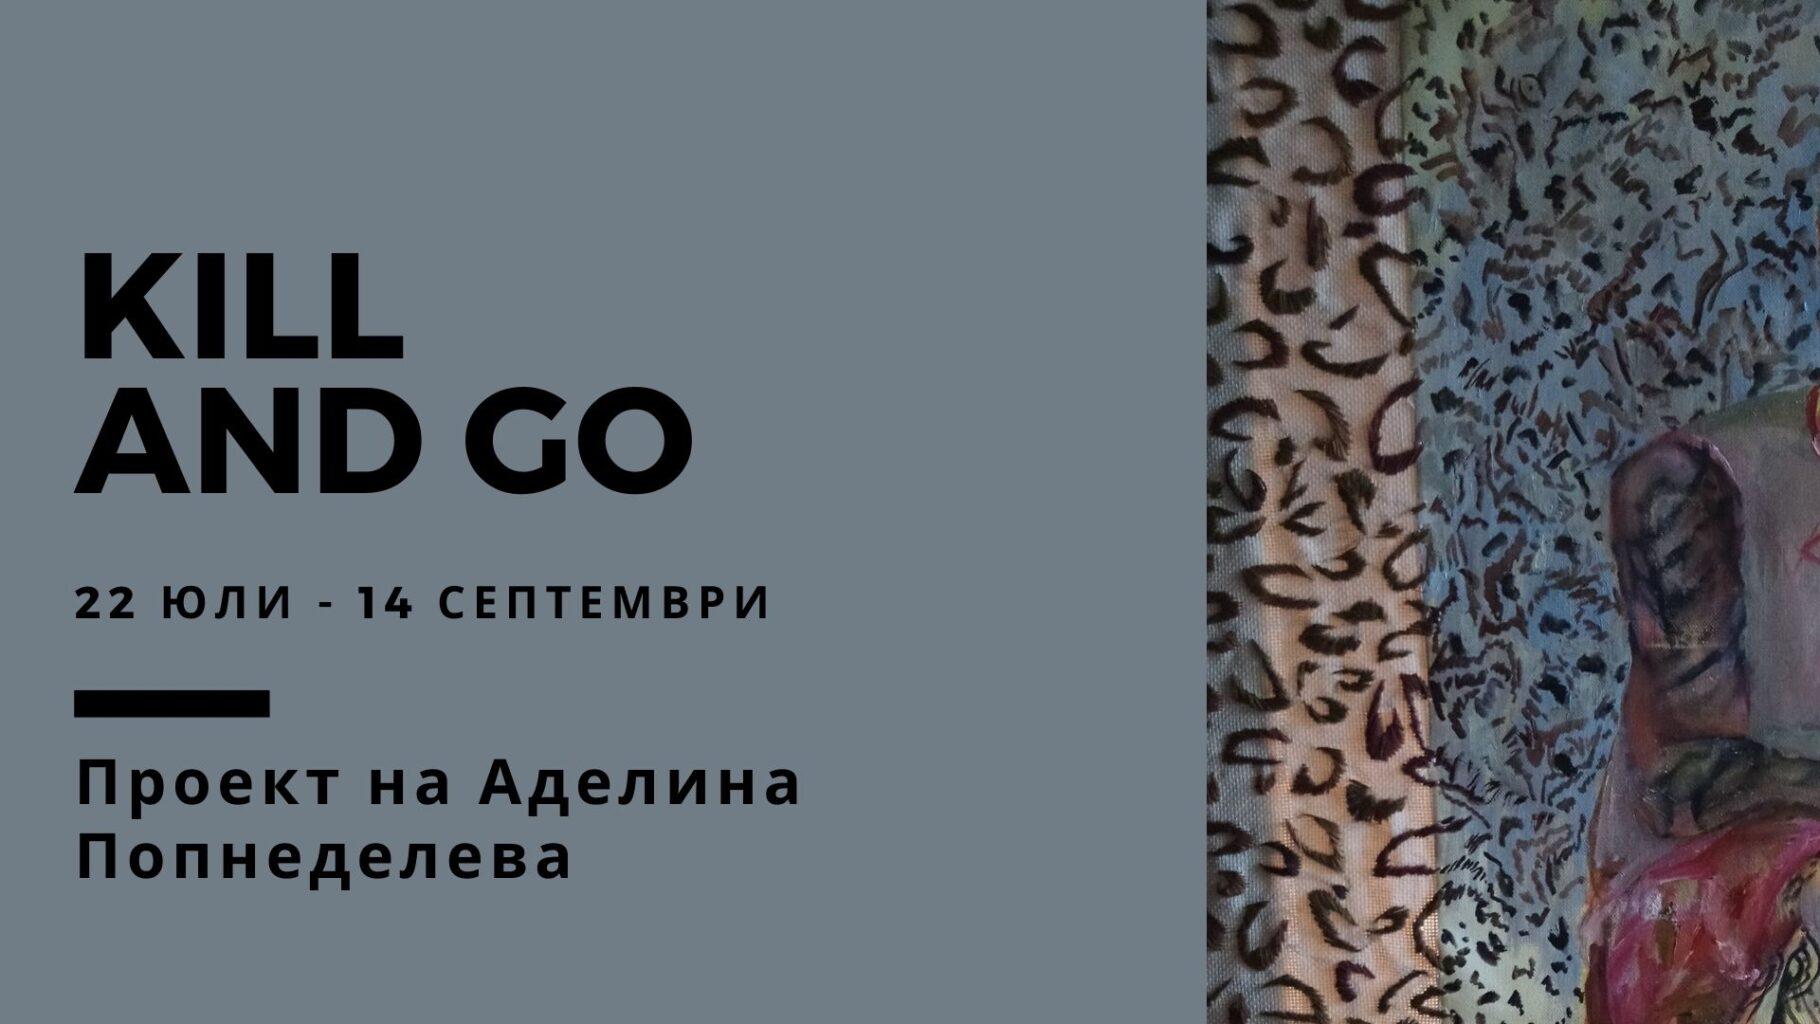 CREDO BOX: Kill and Go  Project by Adelina Popnedeleva    July 22 – September 14, 2021